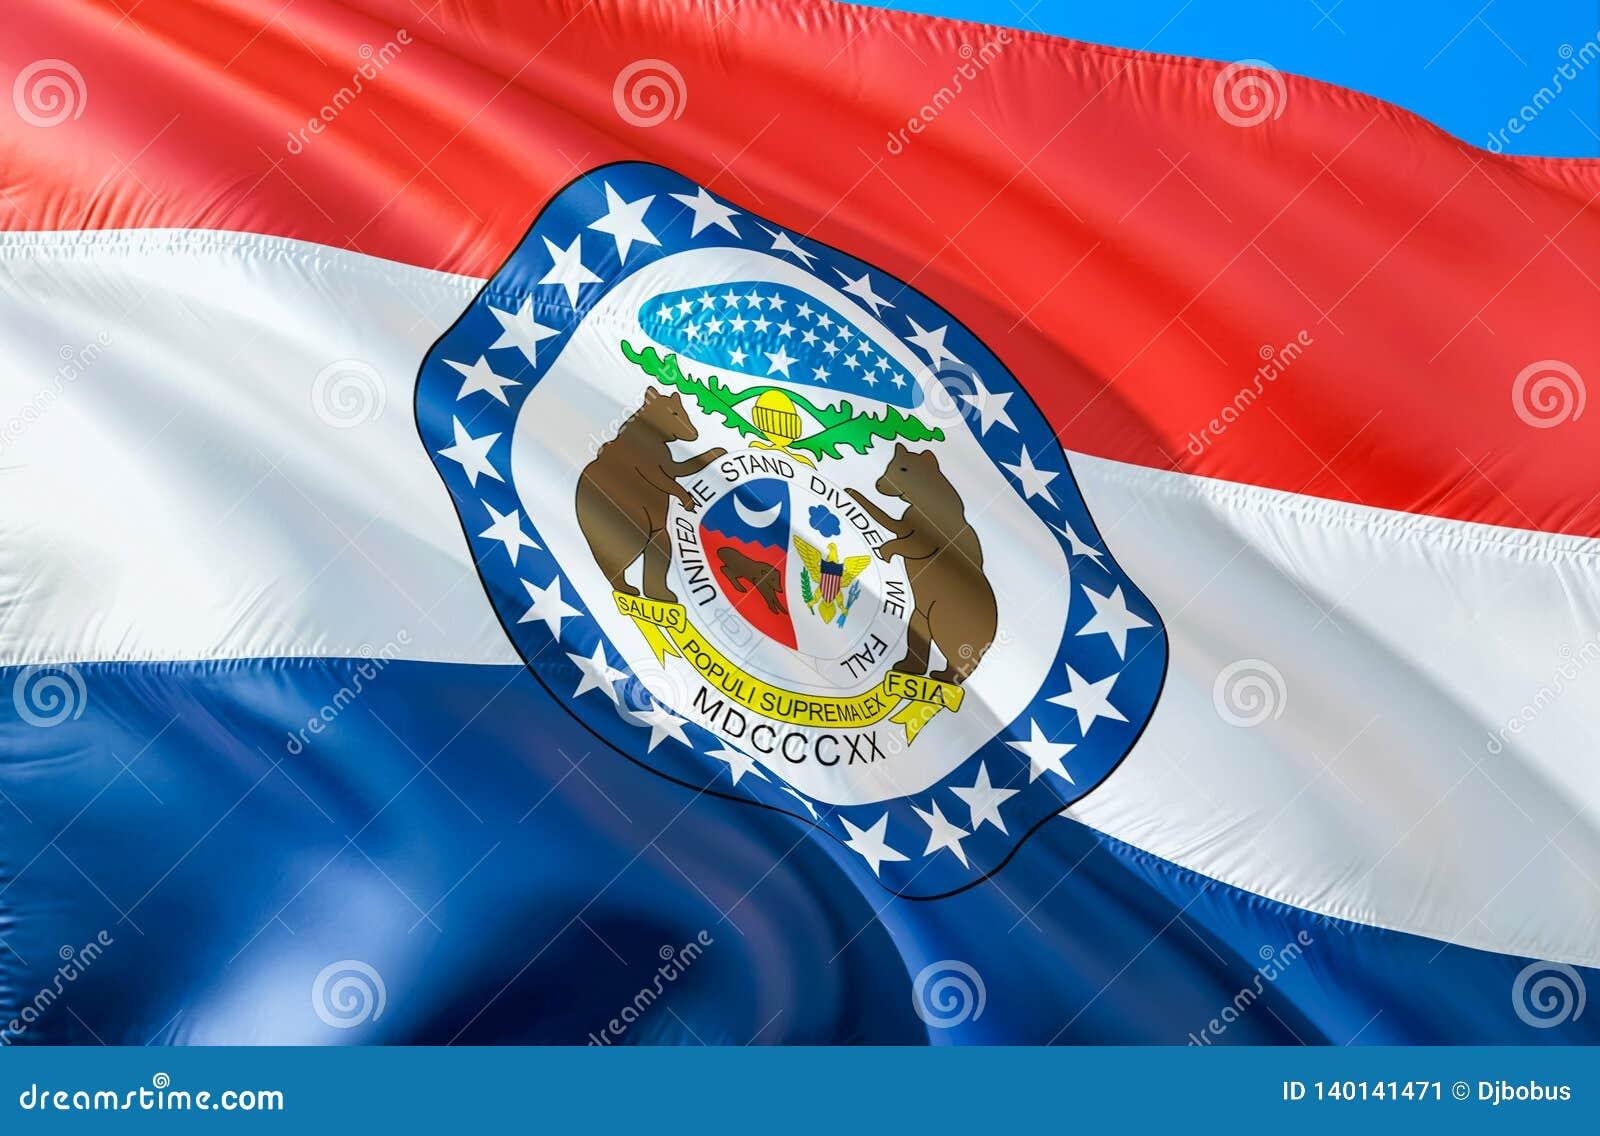 Missouri flaga 3D falowania usa stanu flagi projekt Obywatel USA symbol Missouri stan, 3D rendering Obywatelów kolory i